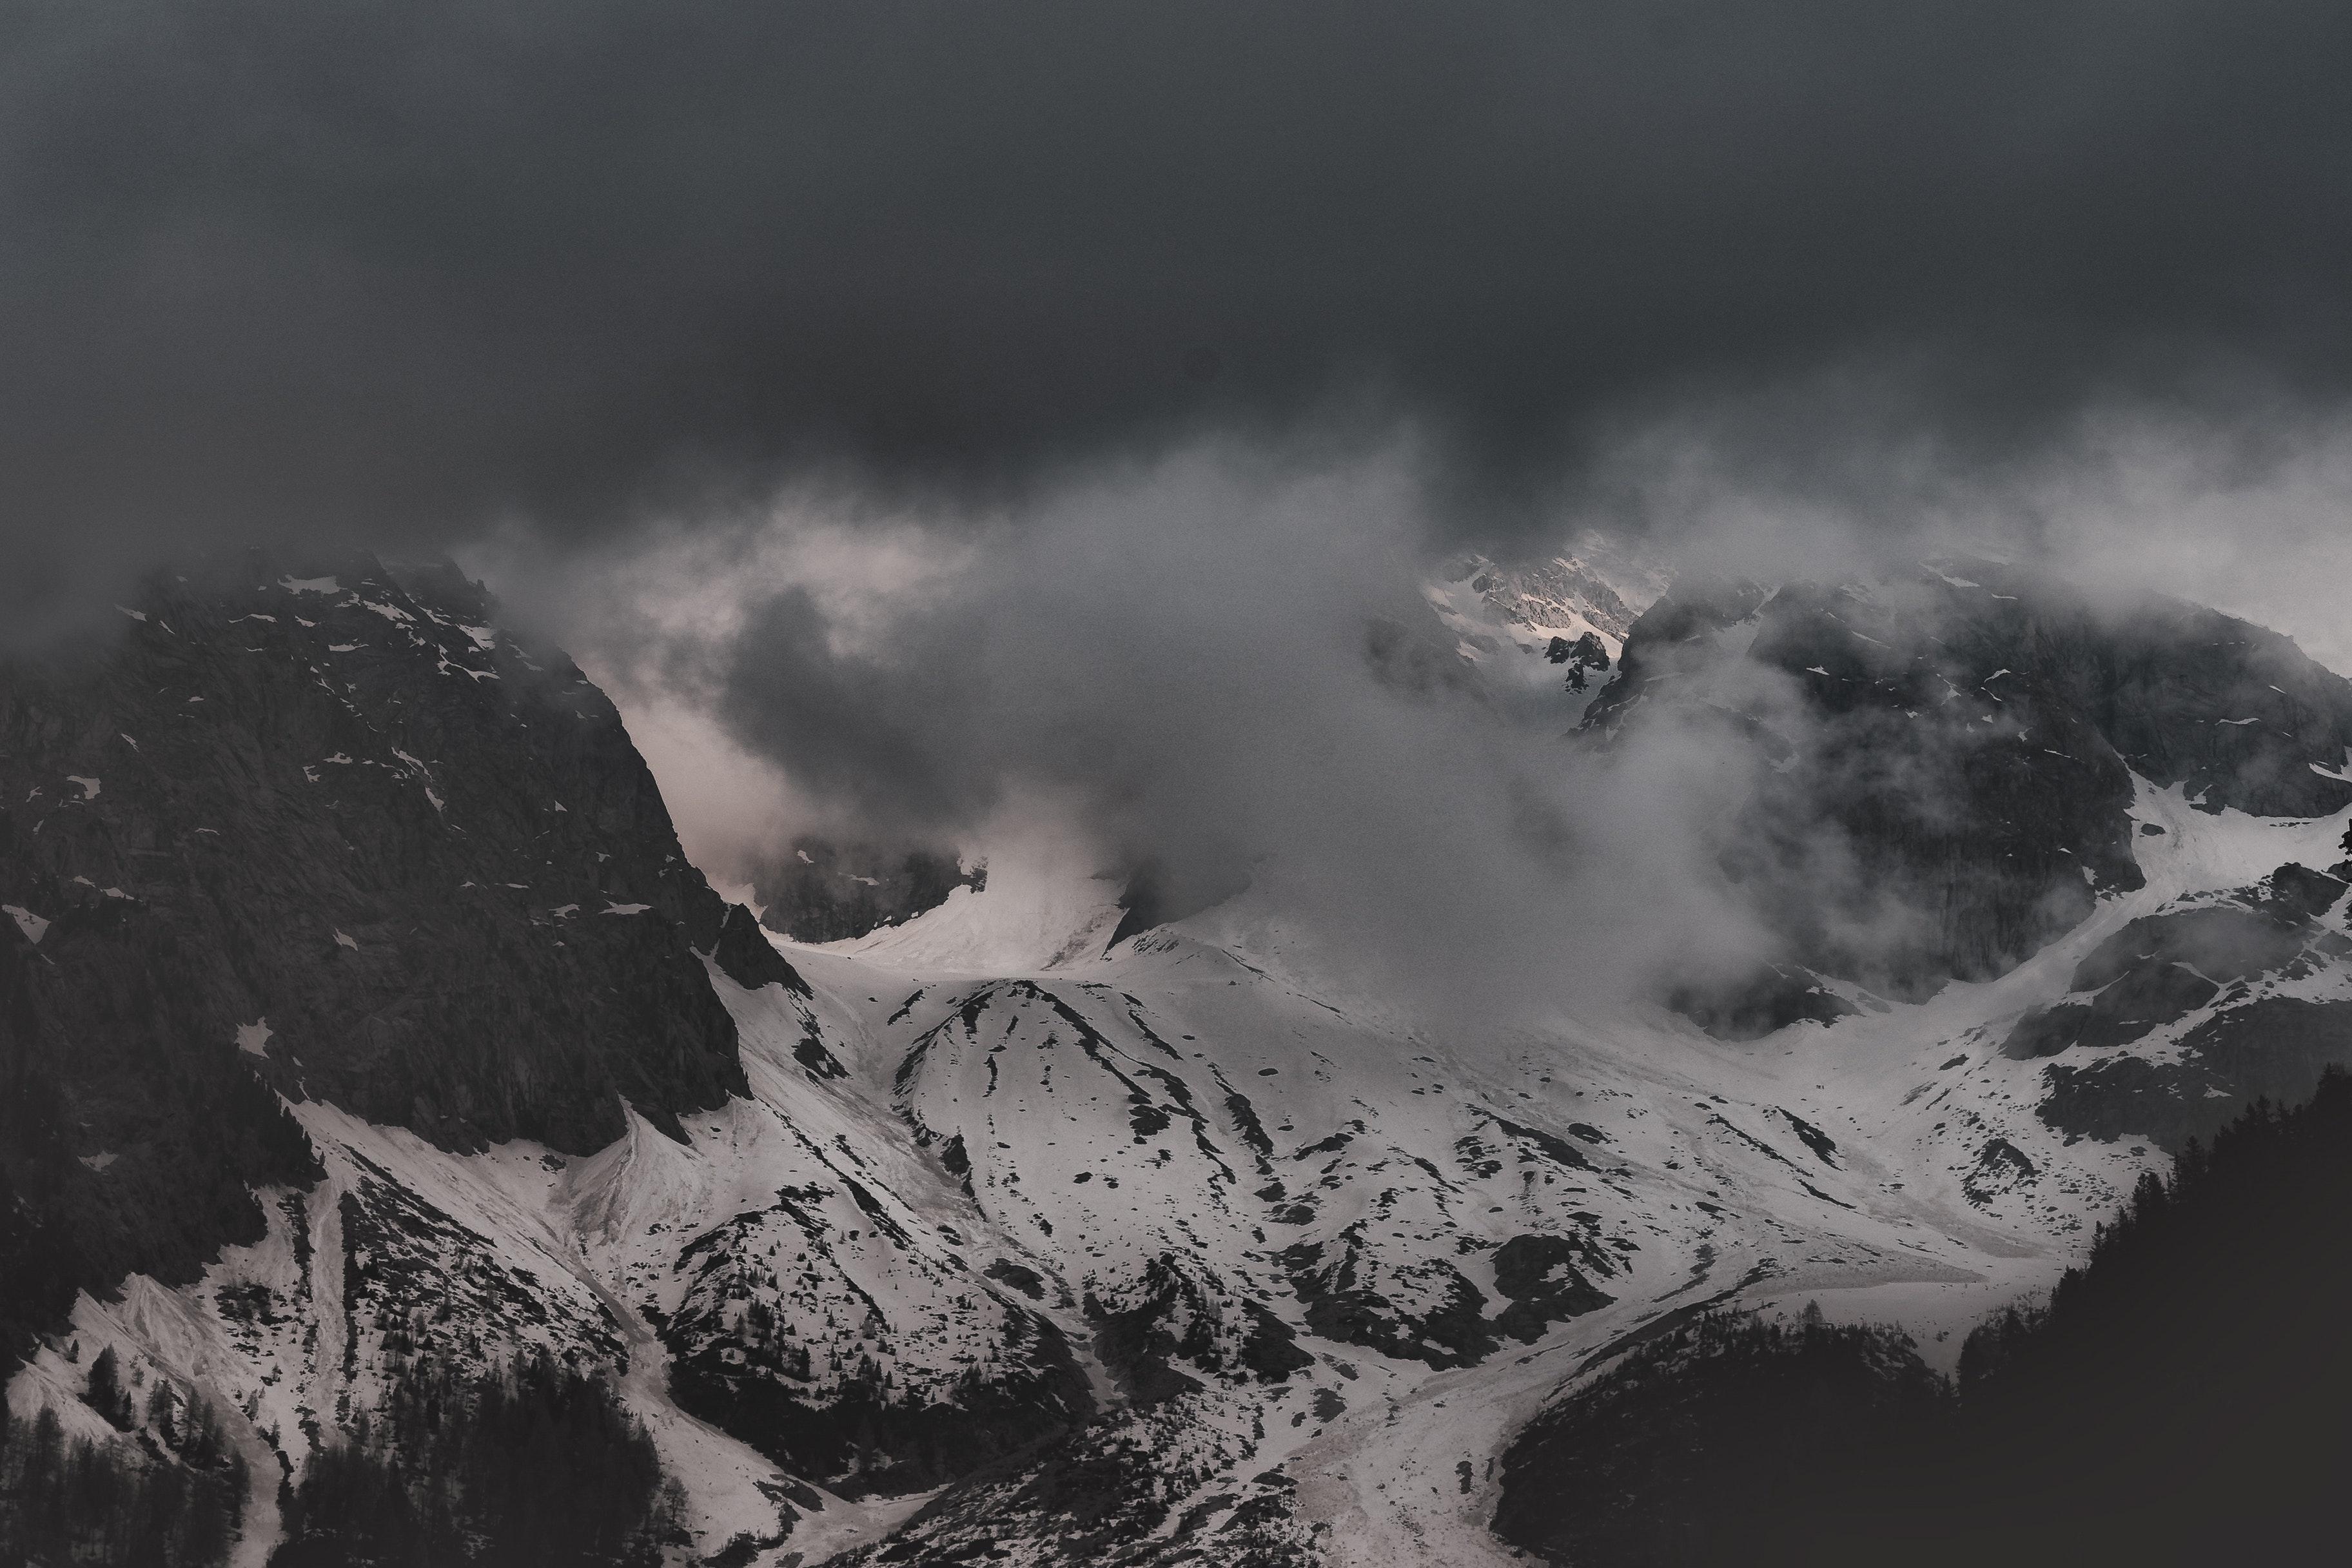 無料画像 黒と白 雲 コールド 夜明け デスクトップの壁紙 霧